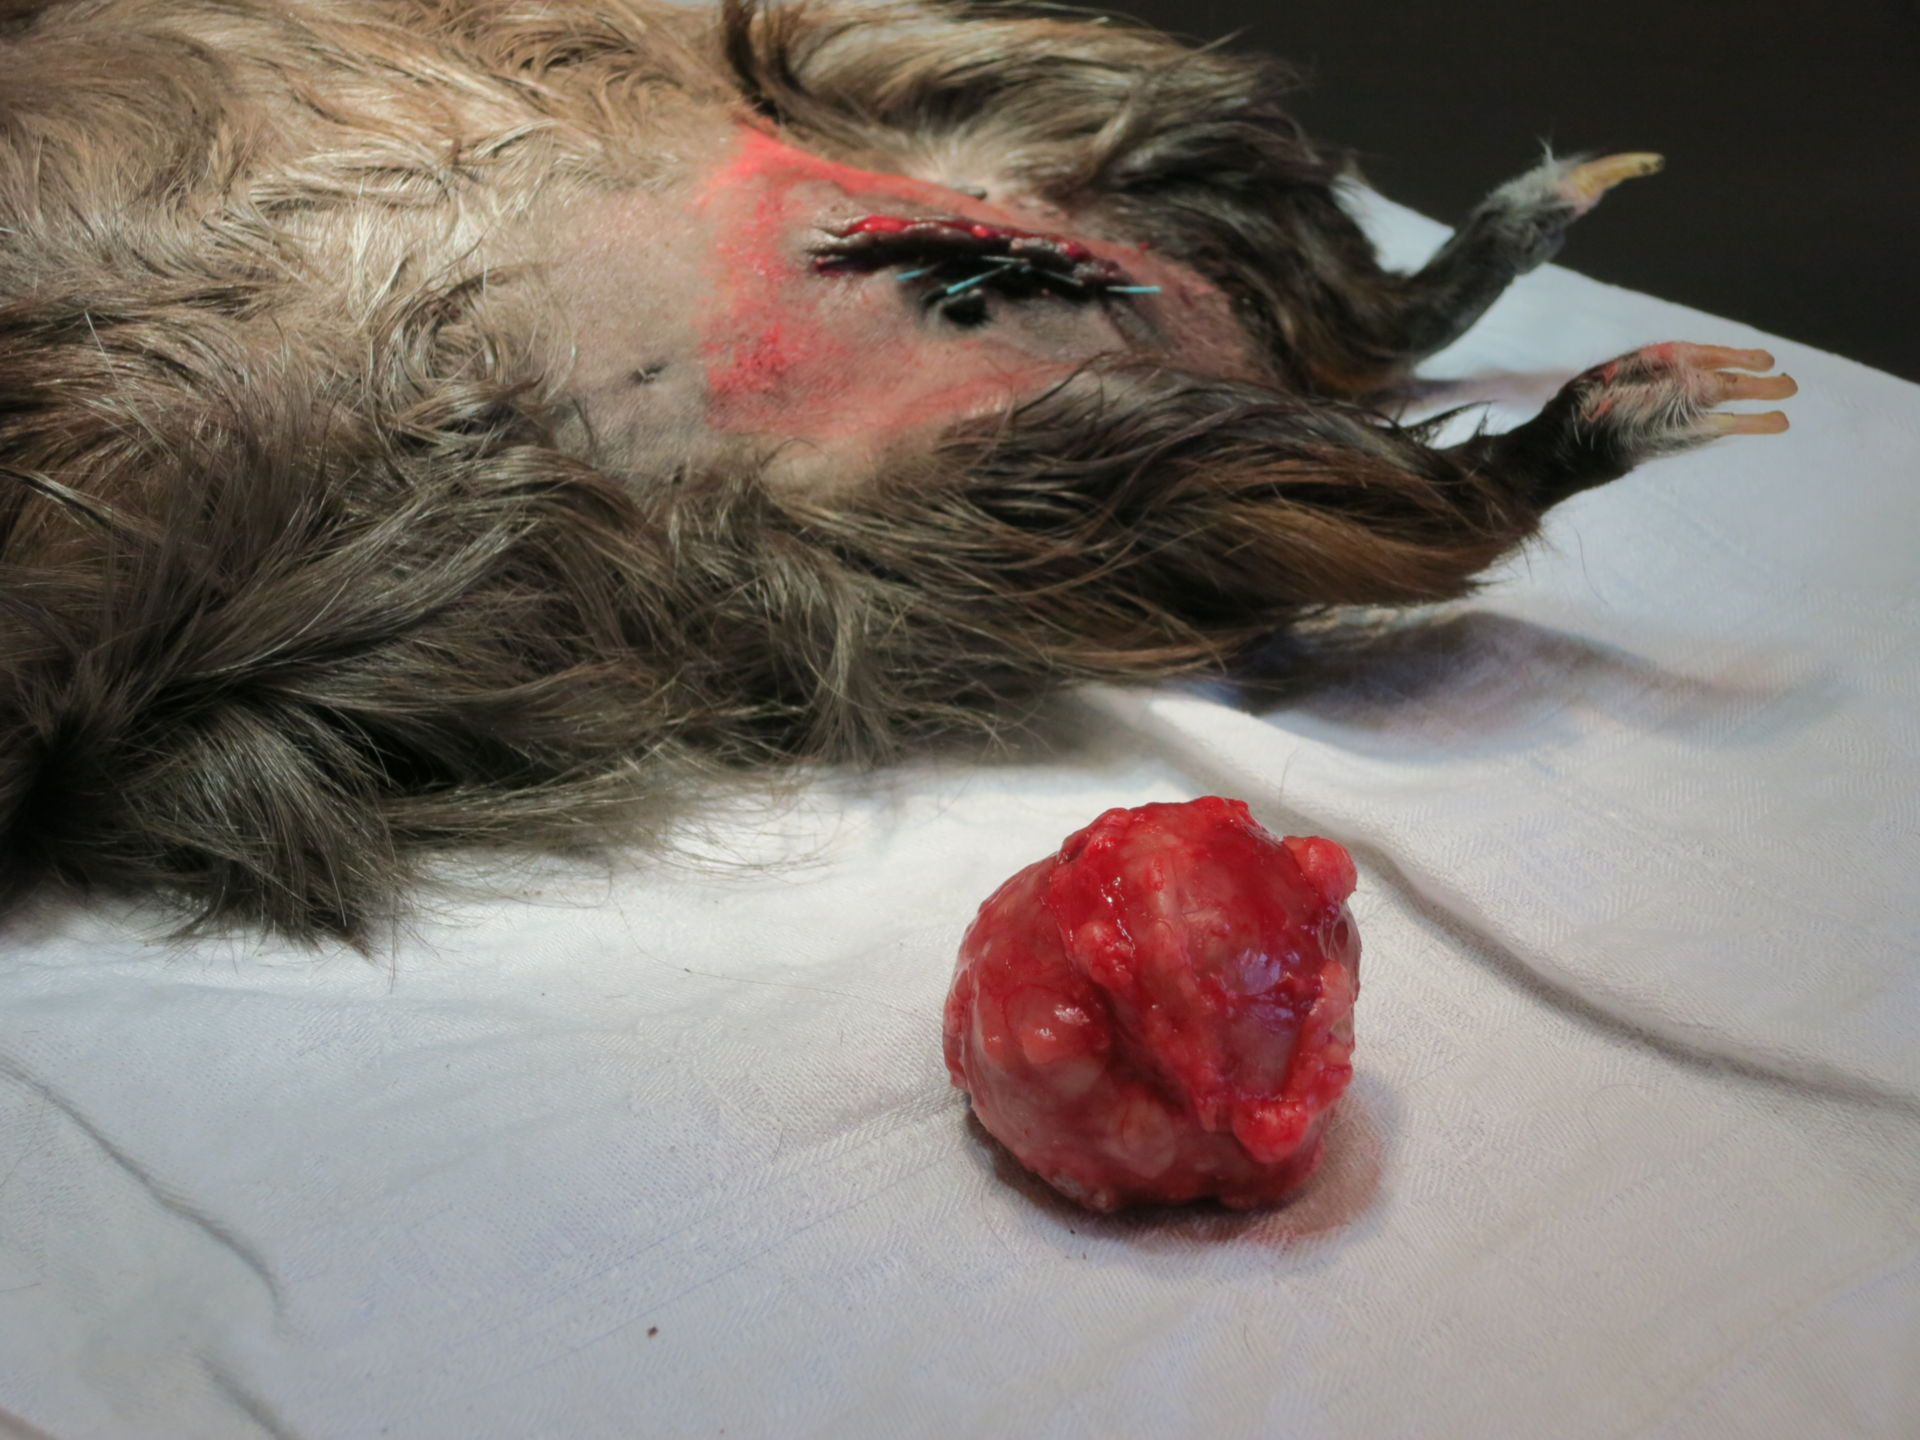 Mammatumor Meerschwein (5)